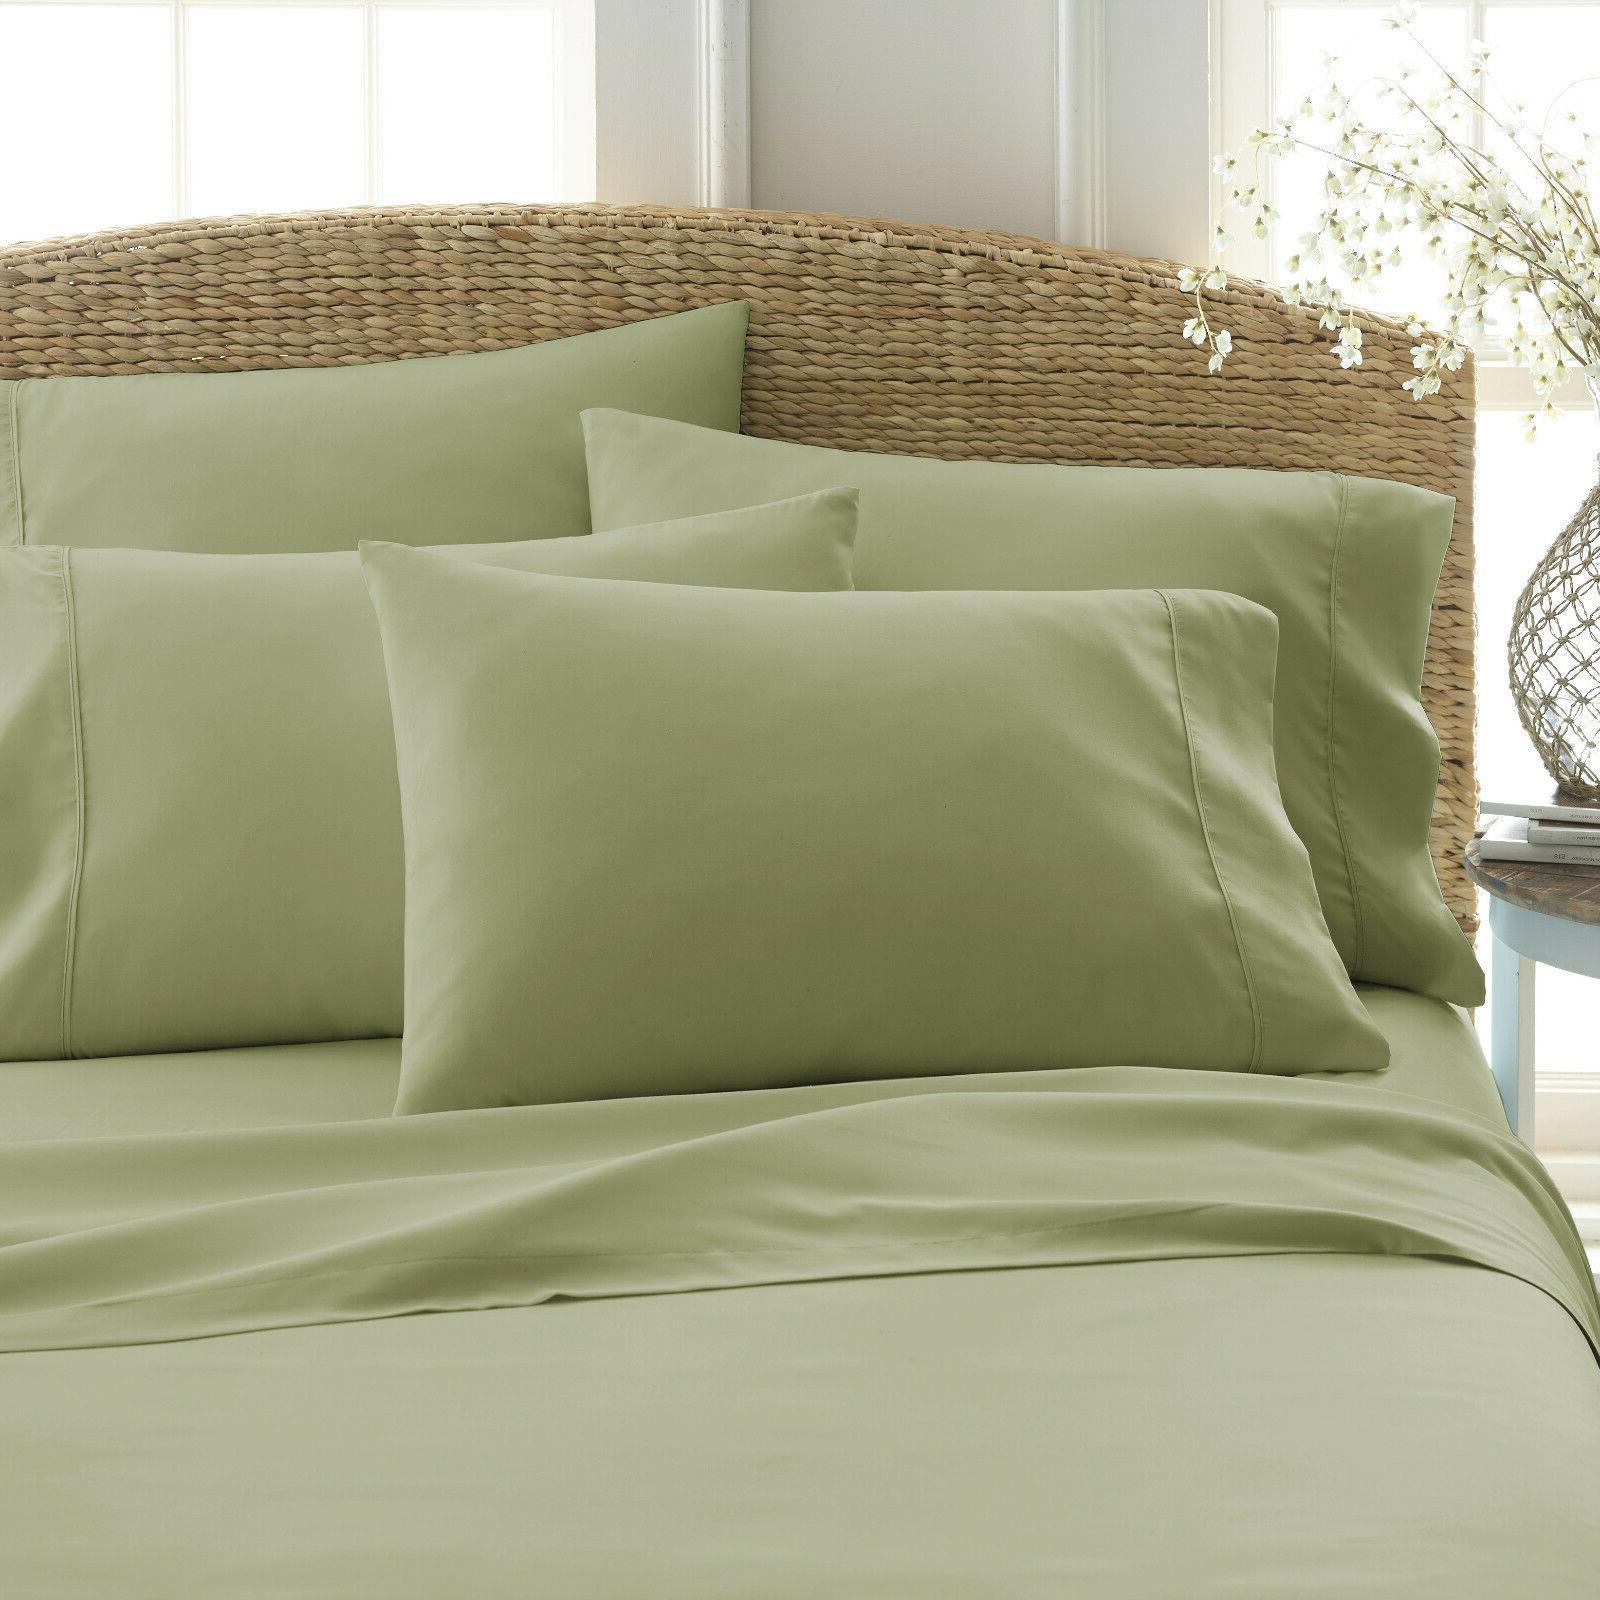 PIECE SUPER BED SHEET 4